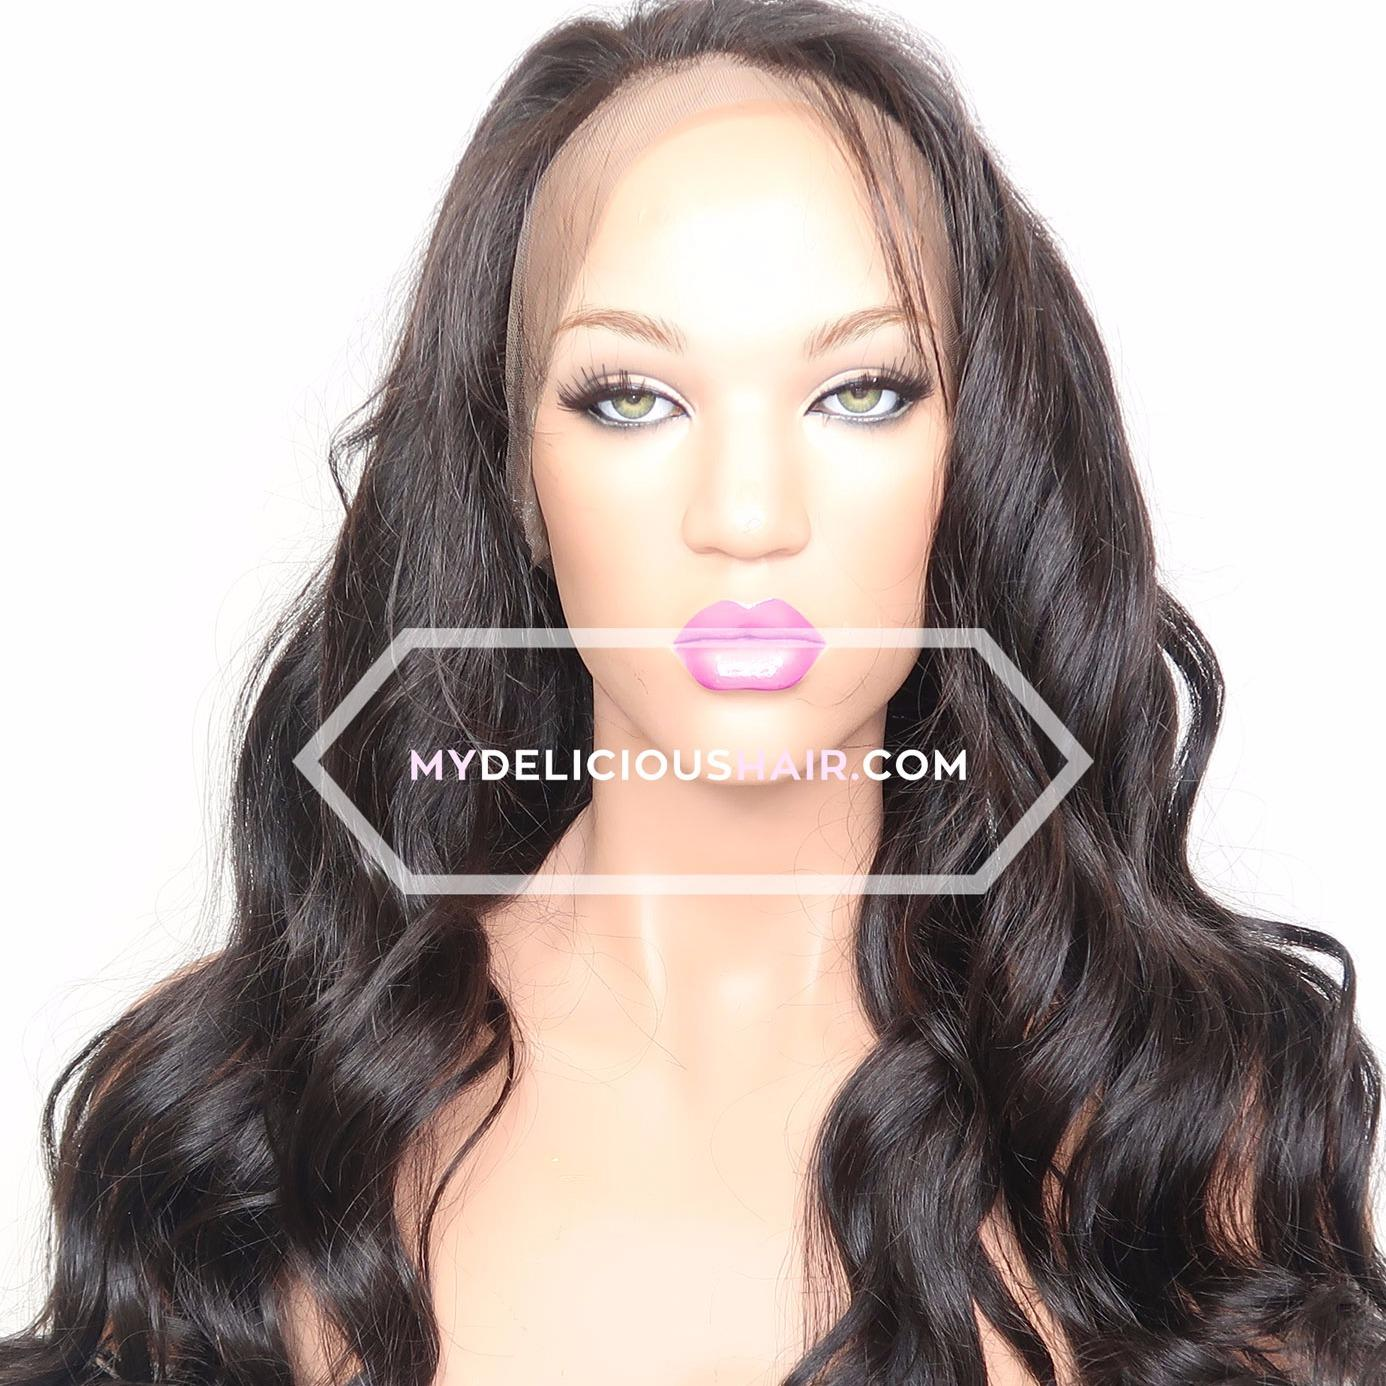 Shop Lace Wigs image 11